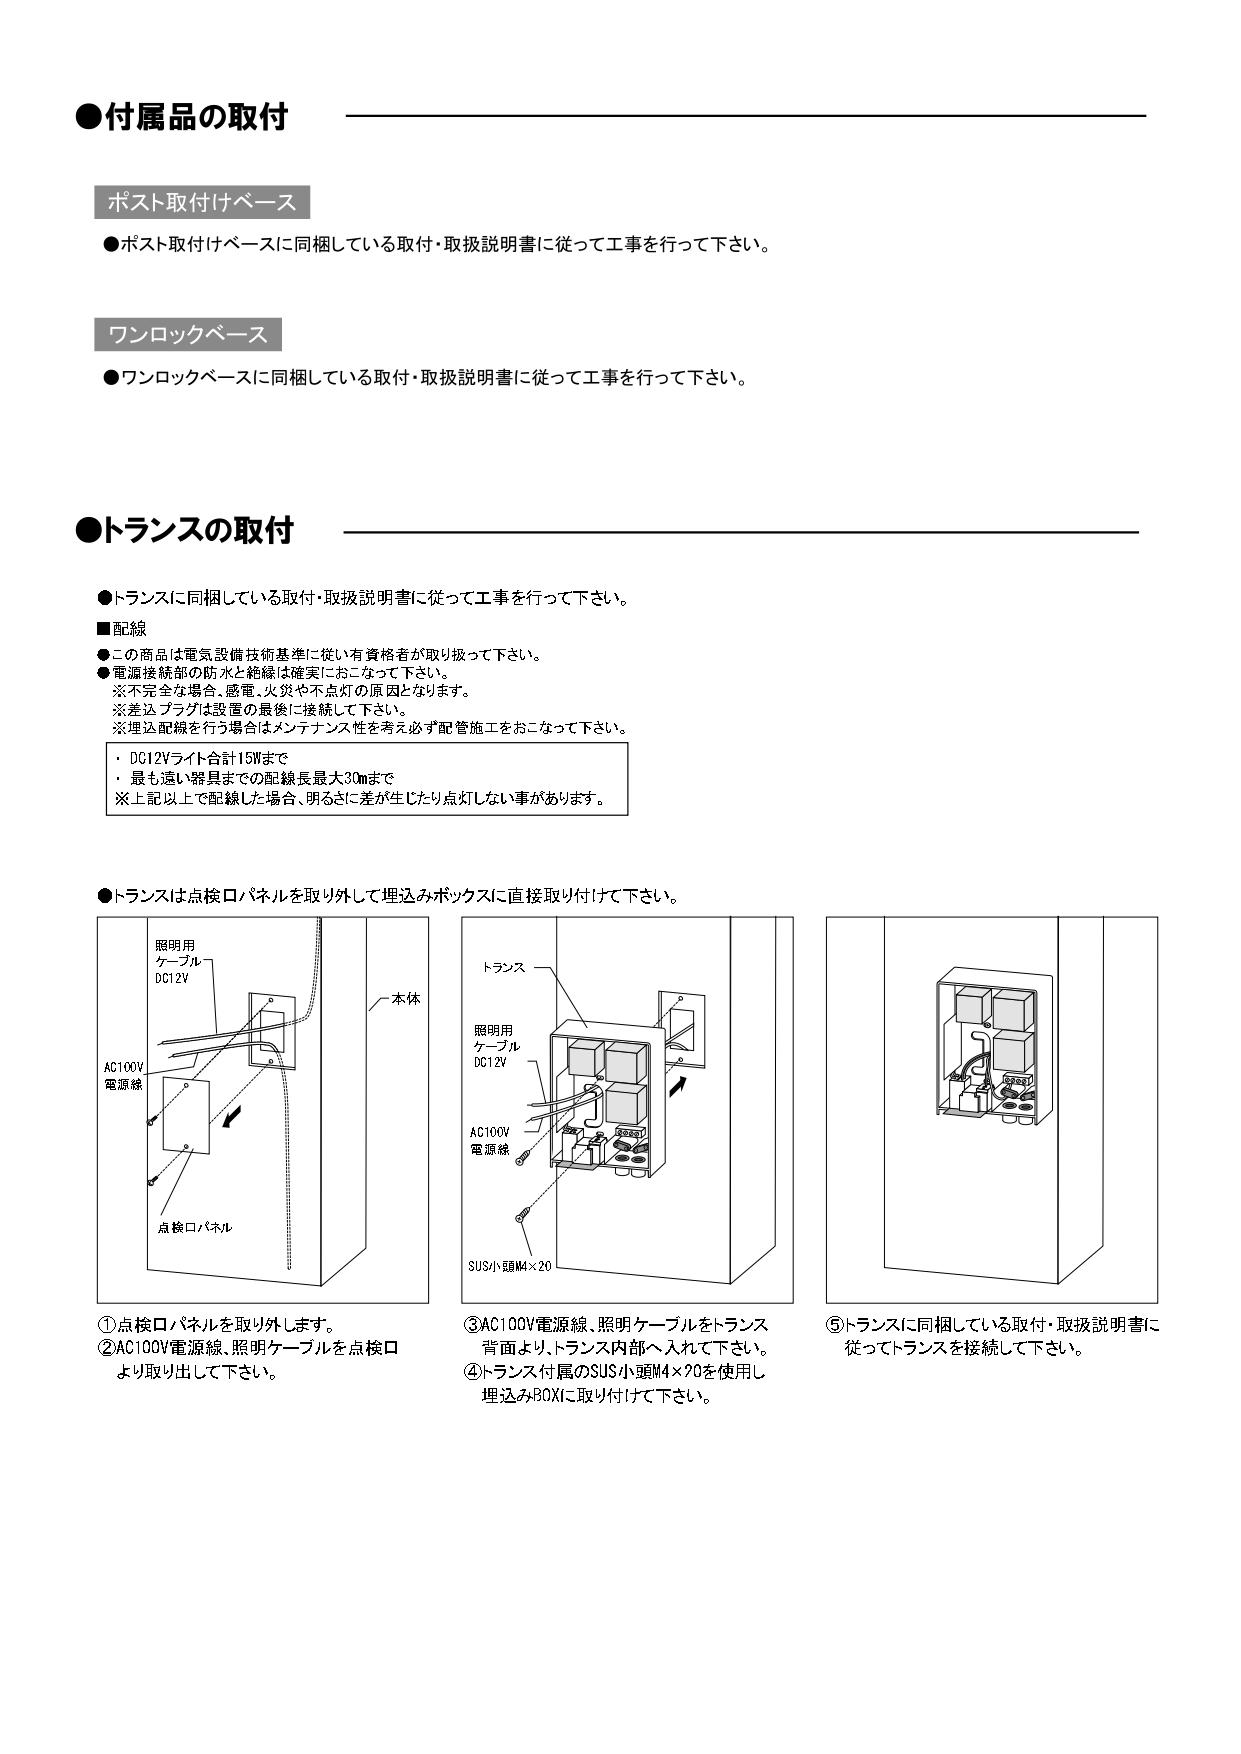 ファミアージュアクシス_取扱説明書_page-0003